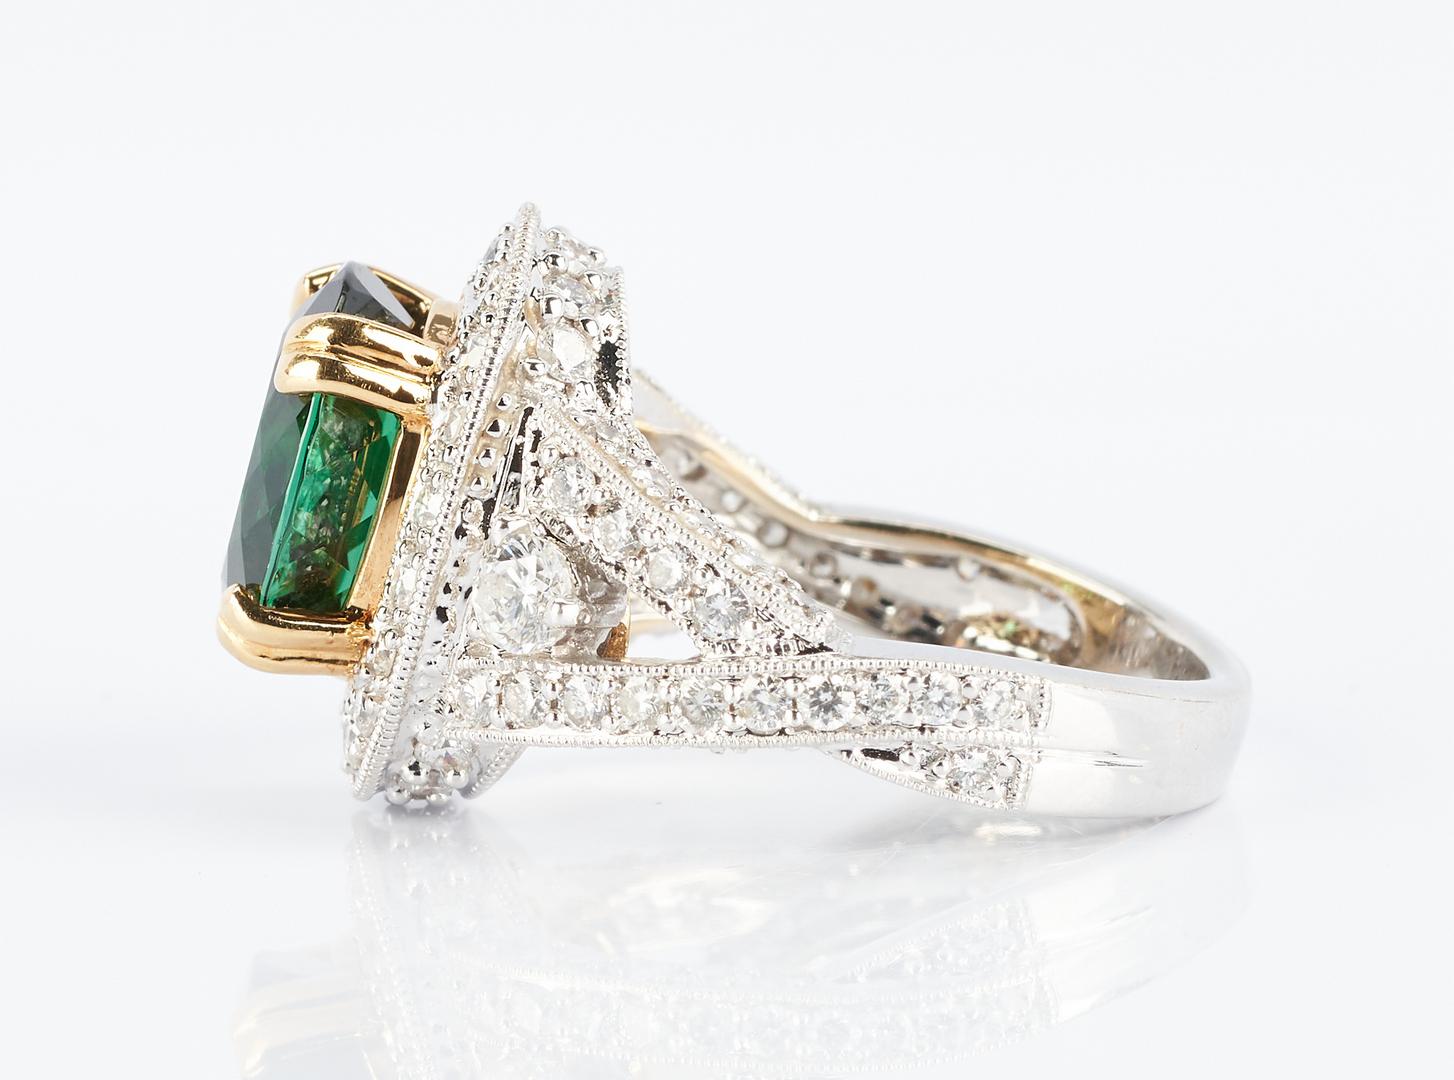 Lot 260: 18K Gold Tourmaline and Diamond Ring